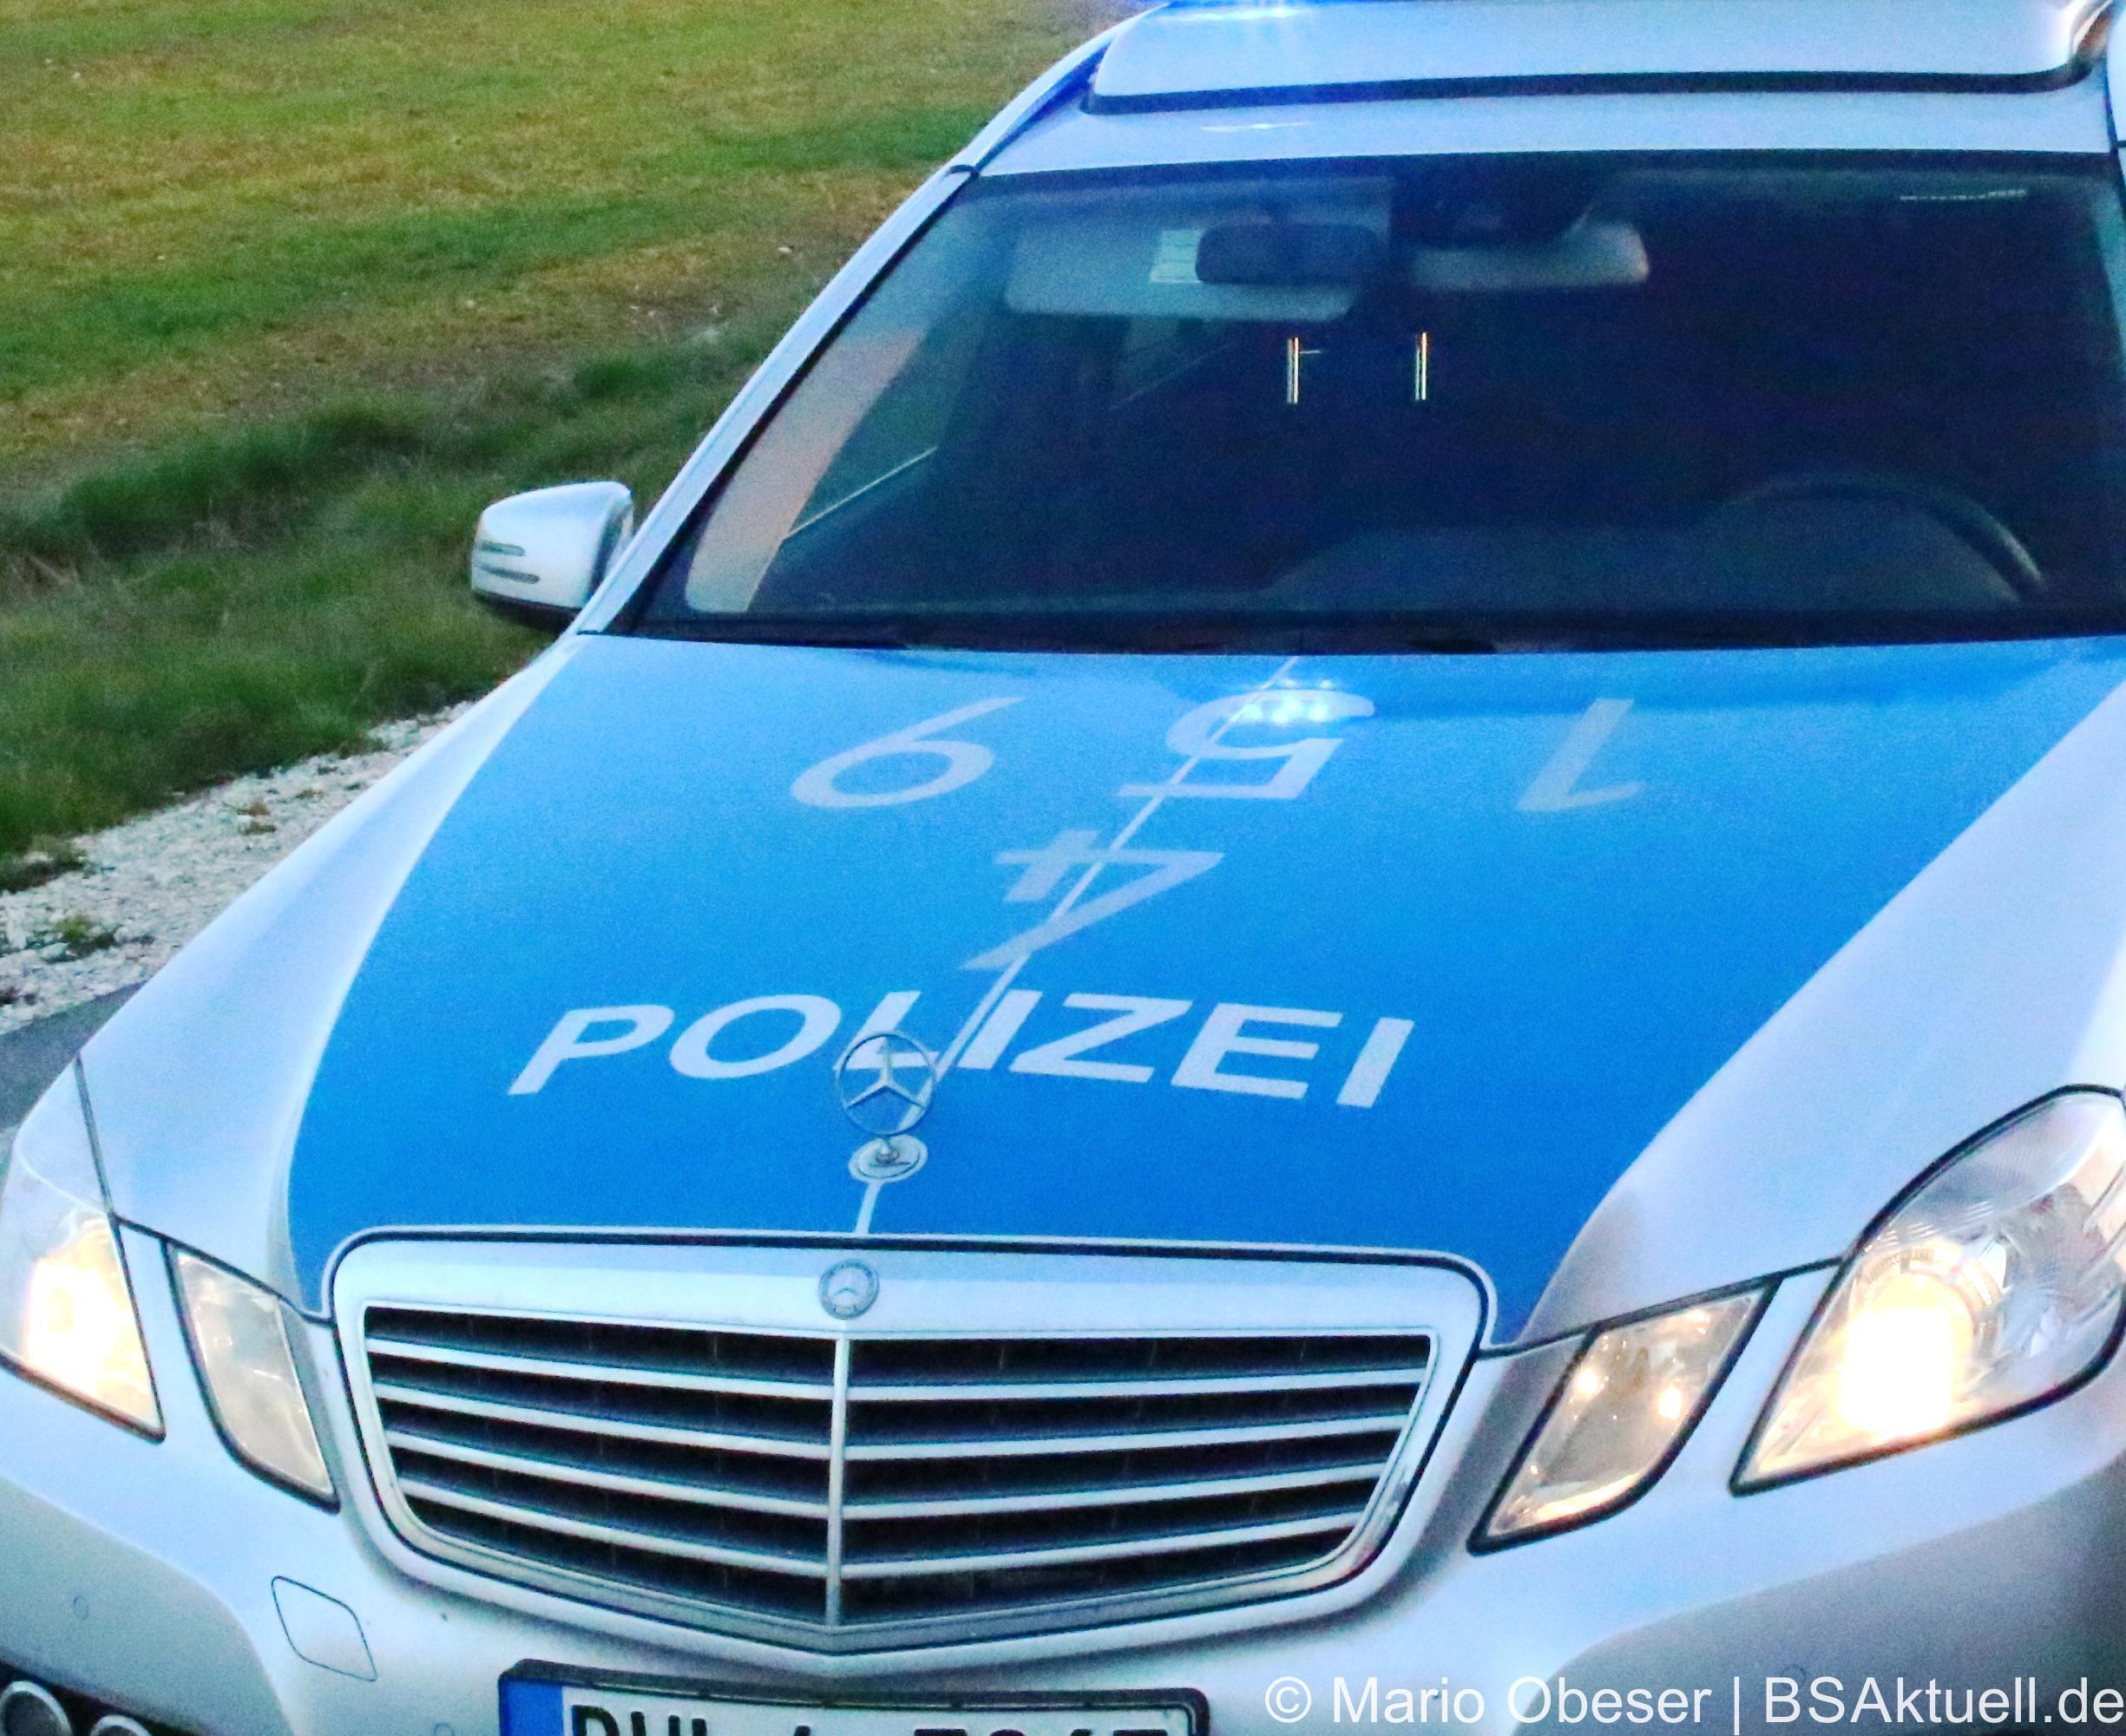 Polizei Ulm, Polizeiauto, Bsaktuell, Nachrichten, Ulm Aktuell, Mario Obeser